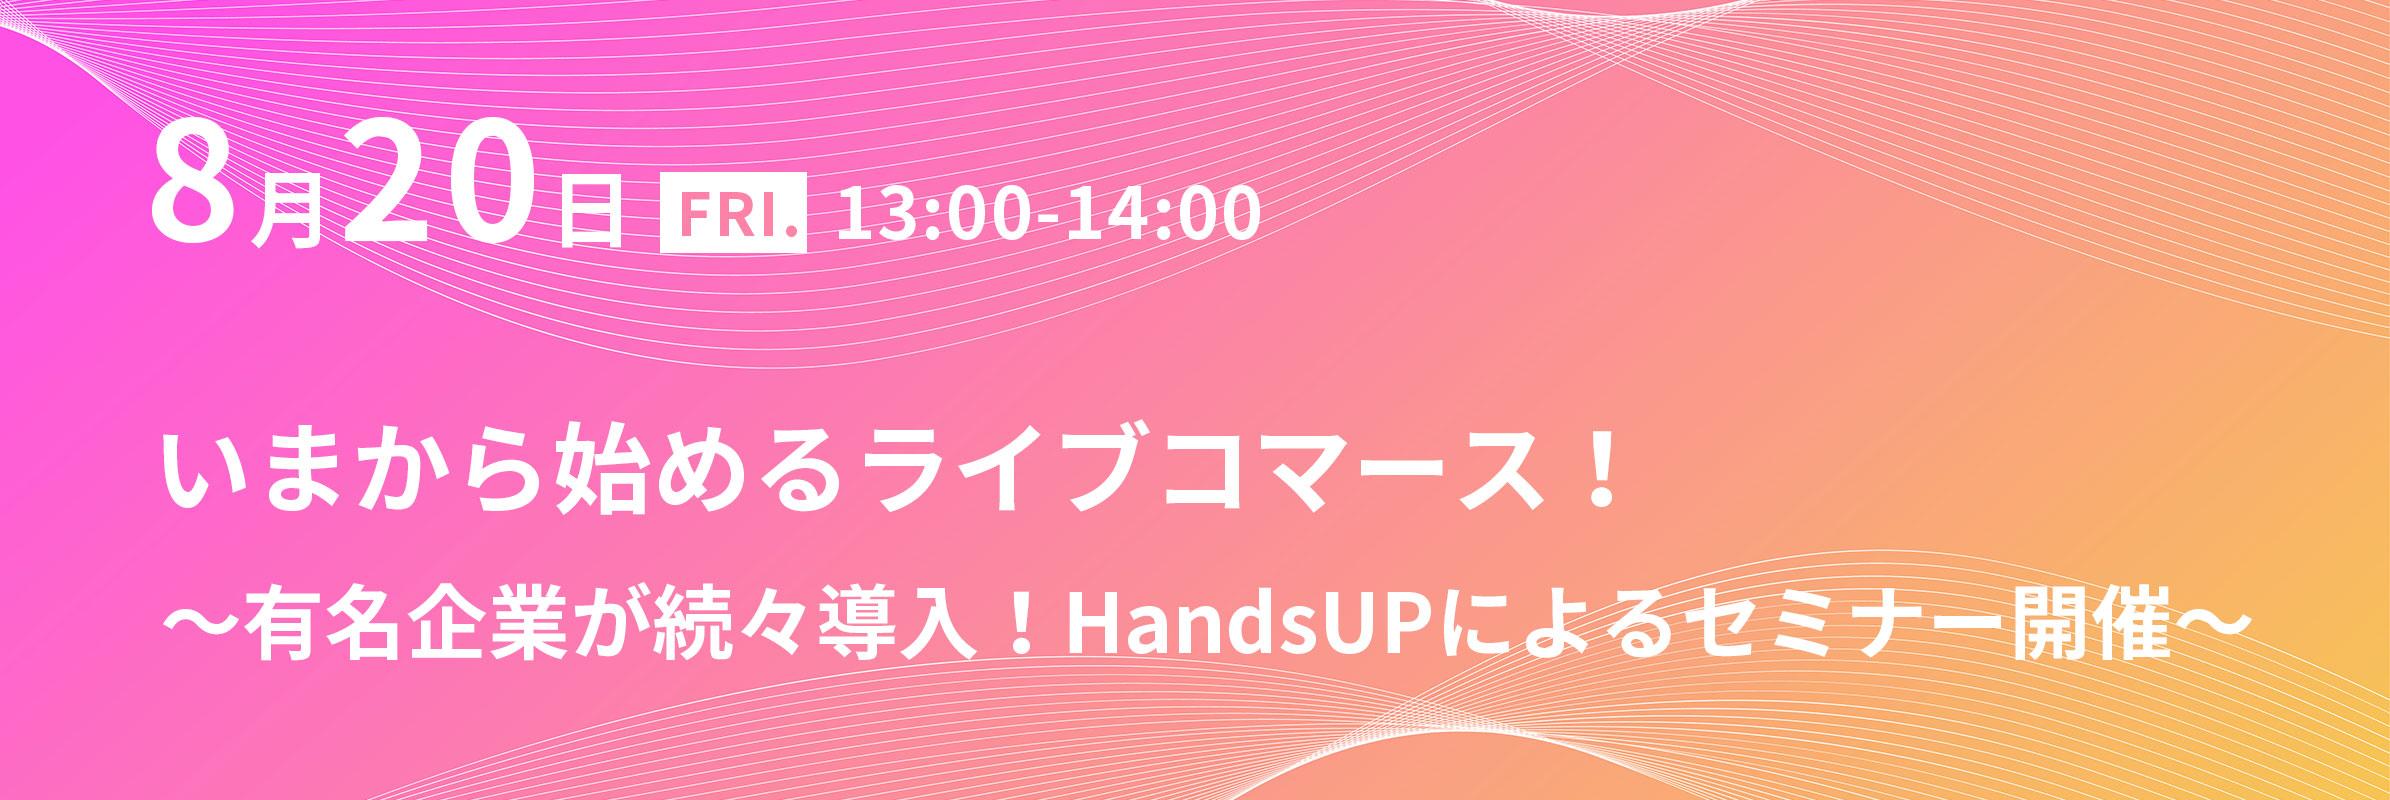 「いまから始めるライブコマース!」実演セミナー(8月)